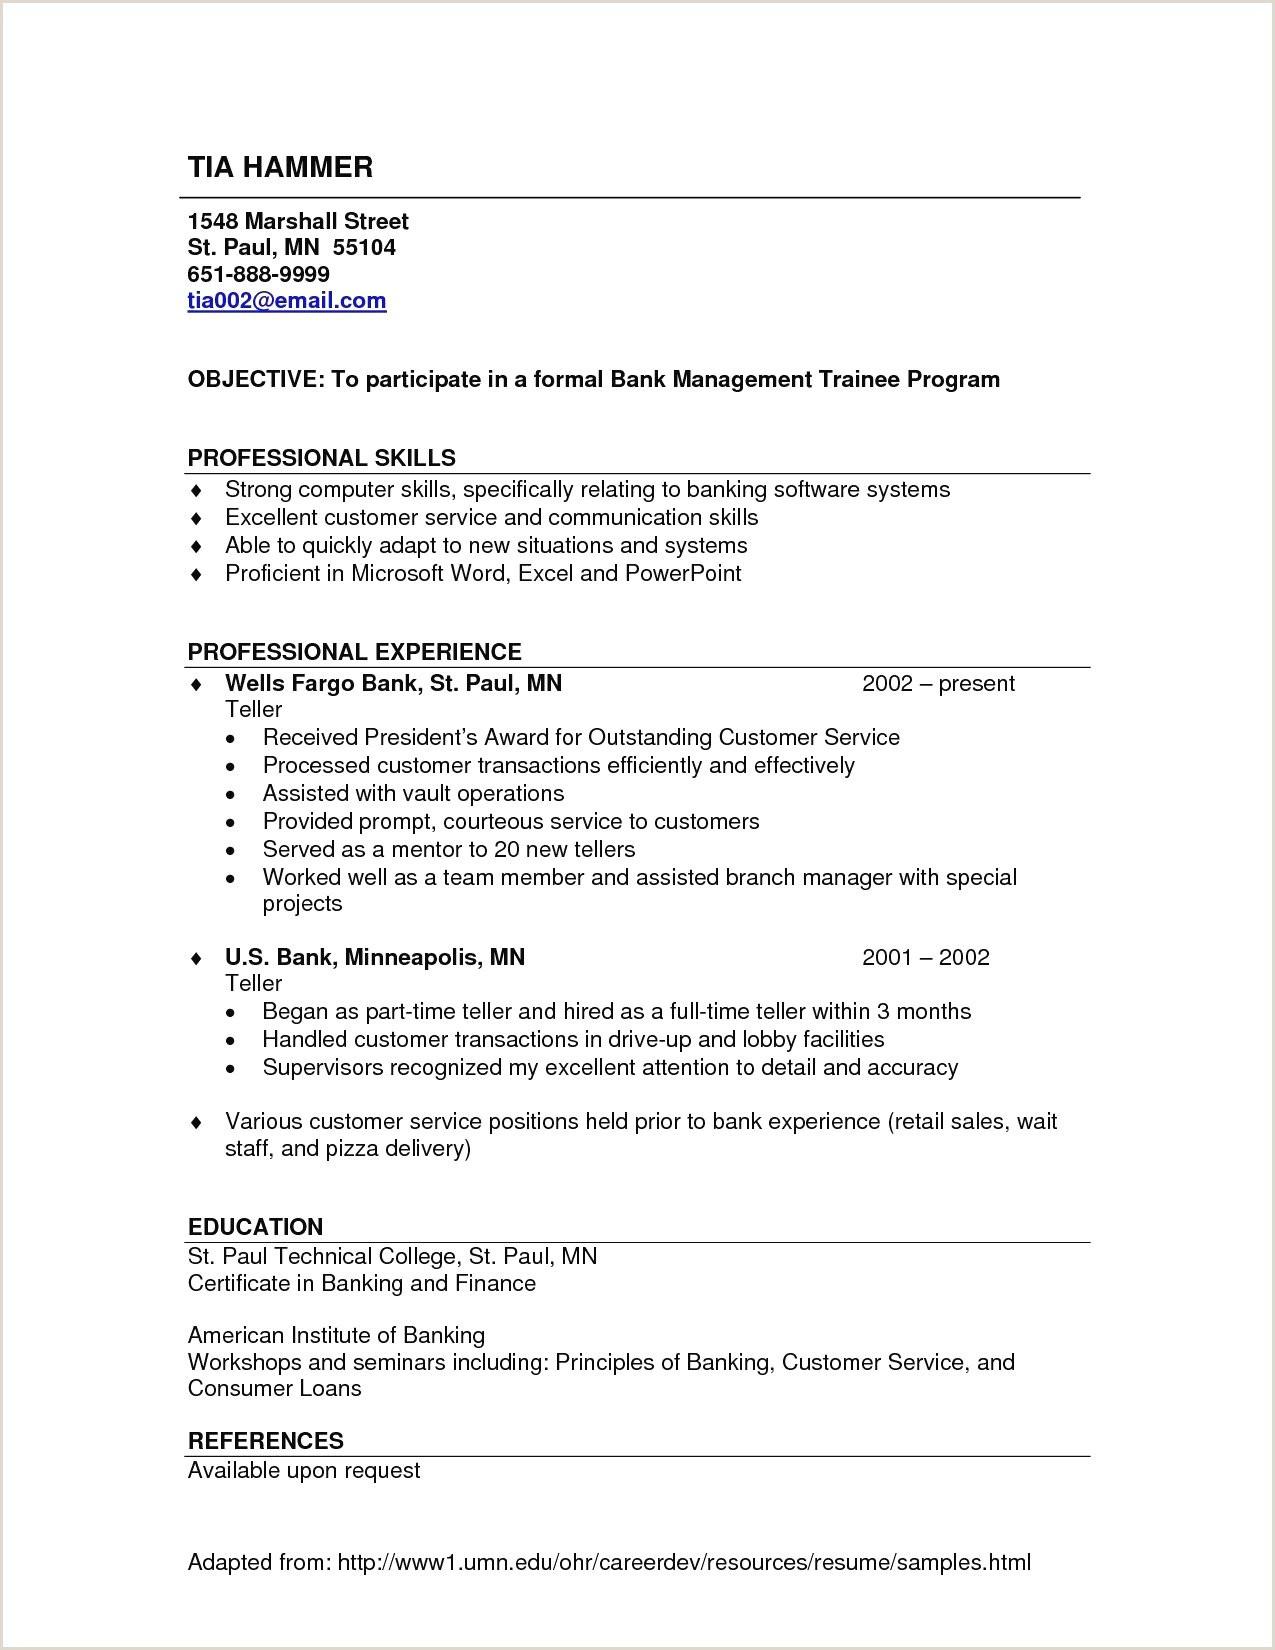 Resume Template Latest • Blackbackpub